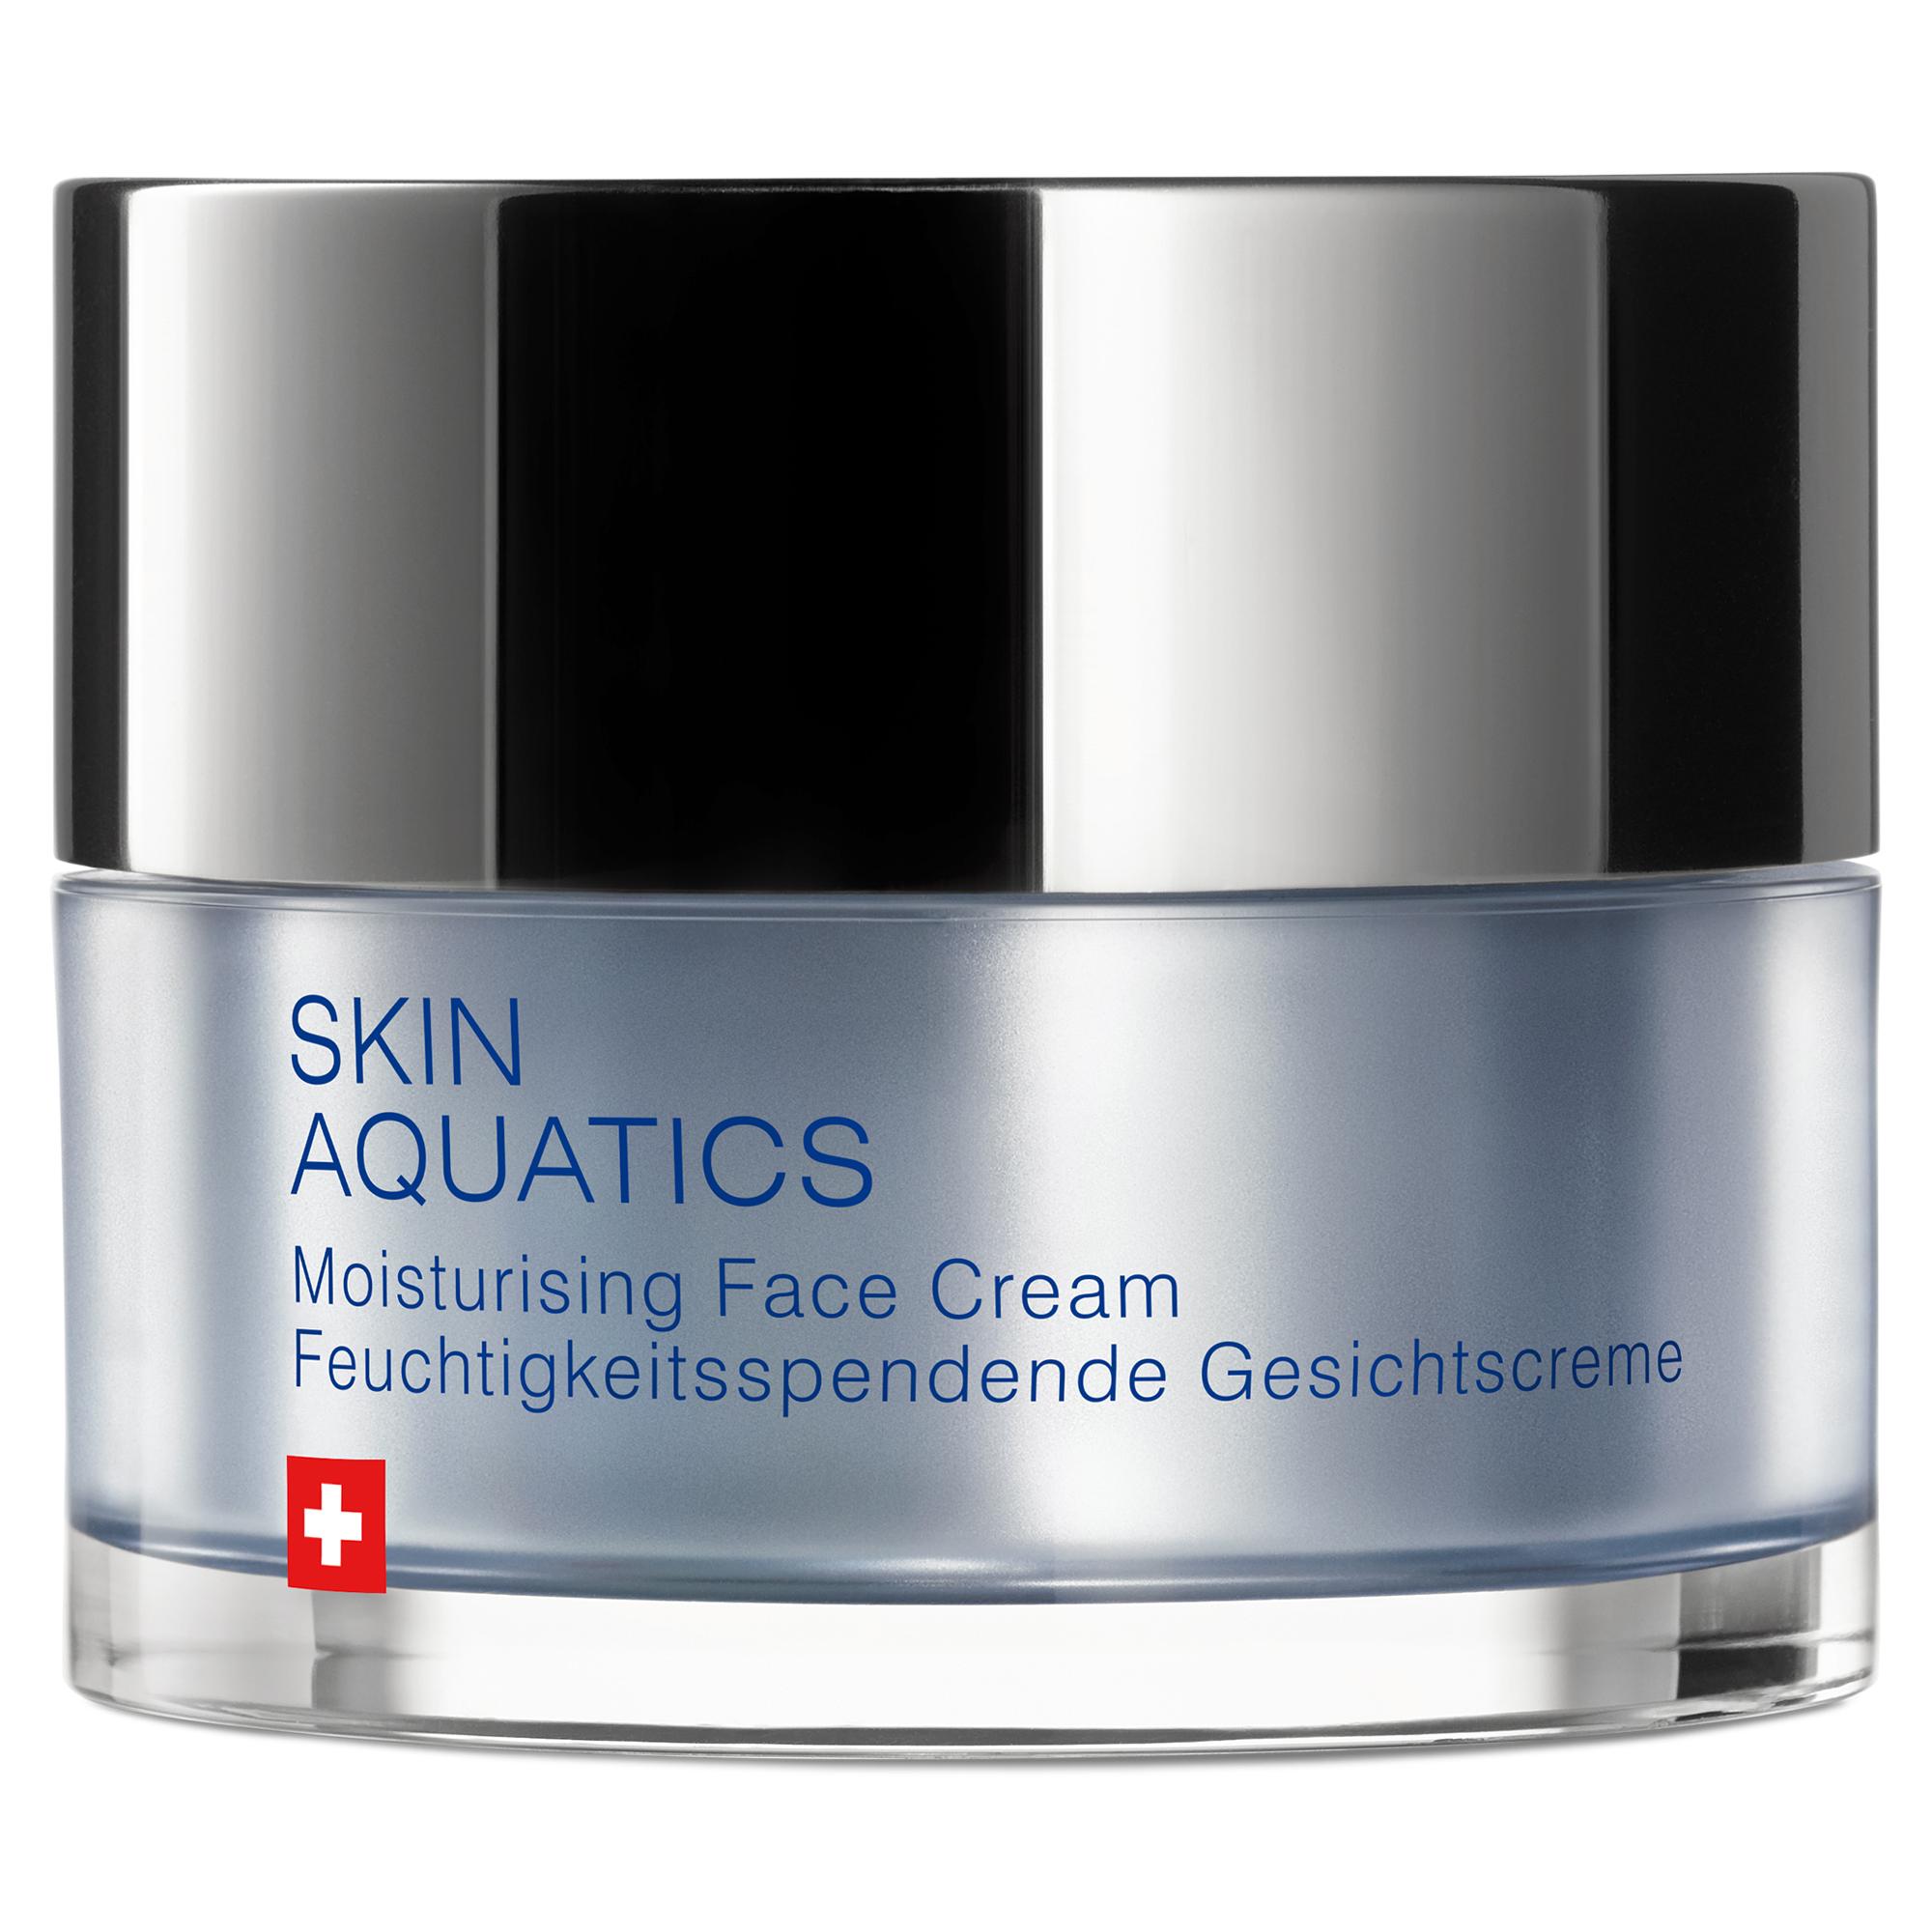 Artemis Skin Aquatics Moisturising Face Cream 50ml